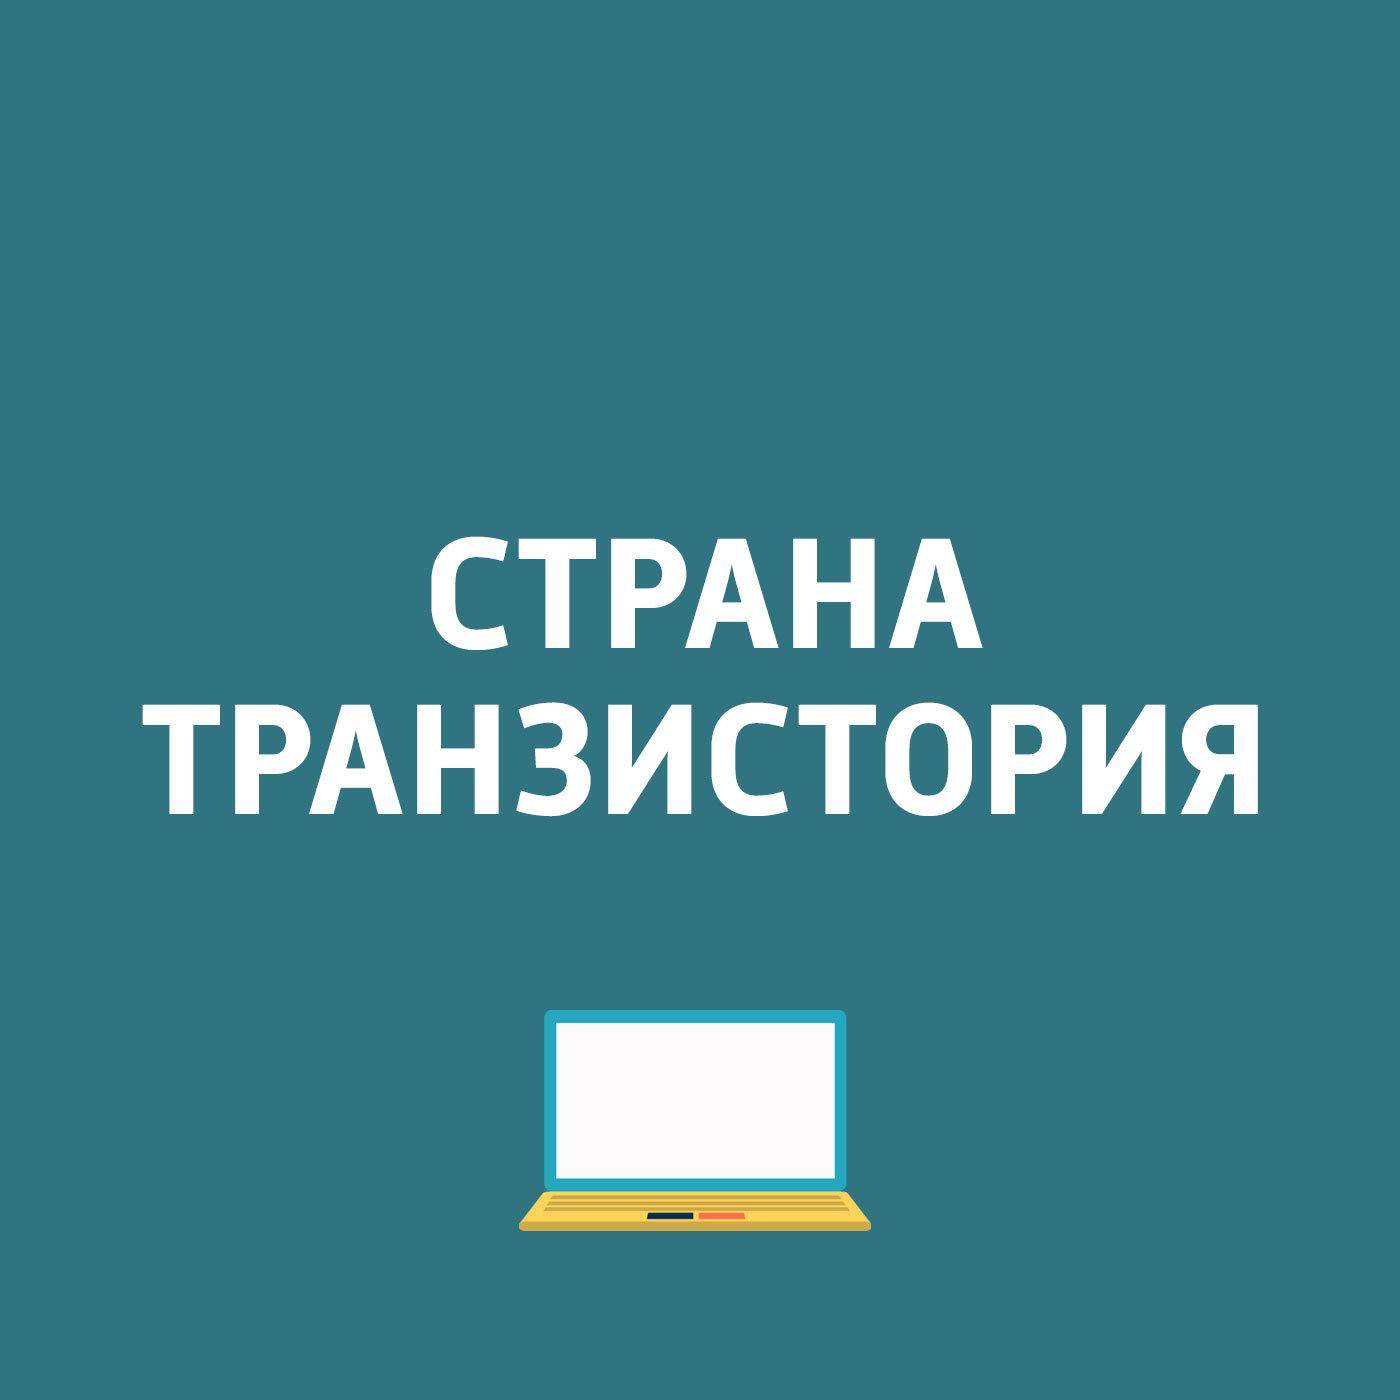 Картаев Павел Смартфон Meizu M6 Note вышел в России; Яндекс опубликовал итоги поисковых запросов за 2017 год картаев павел meizu объявила дату презентации новой линейки флагманских смартфонов домену ru исполнилось 24 года суперкомпьютер nvidia project clara